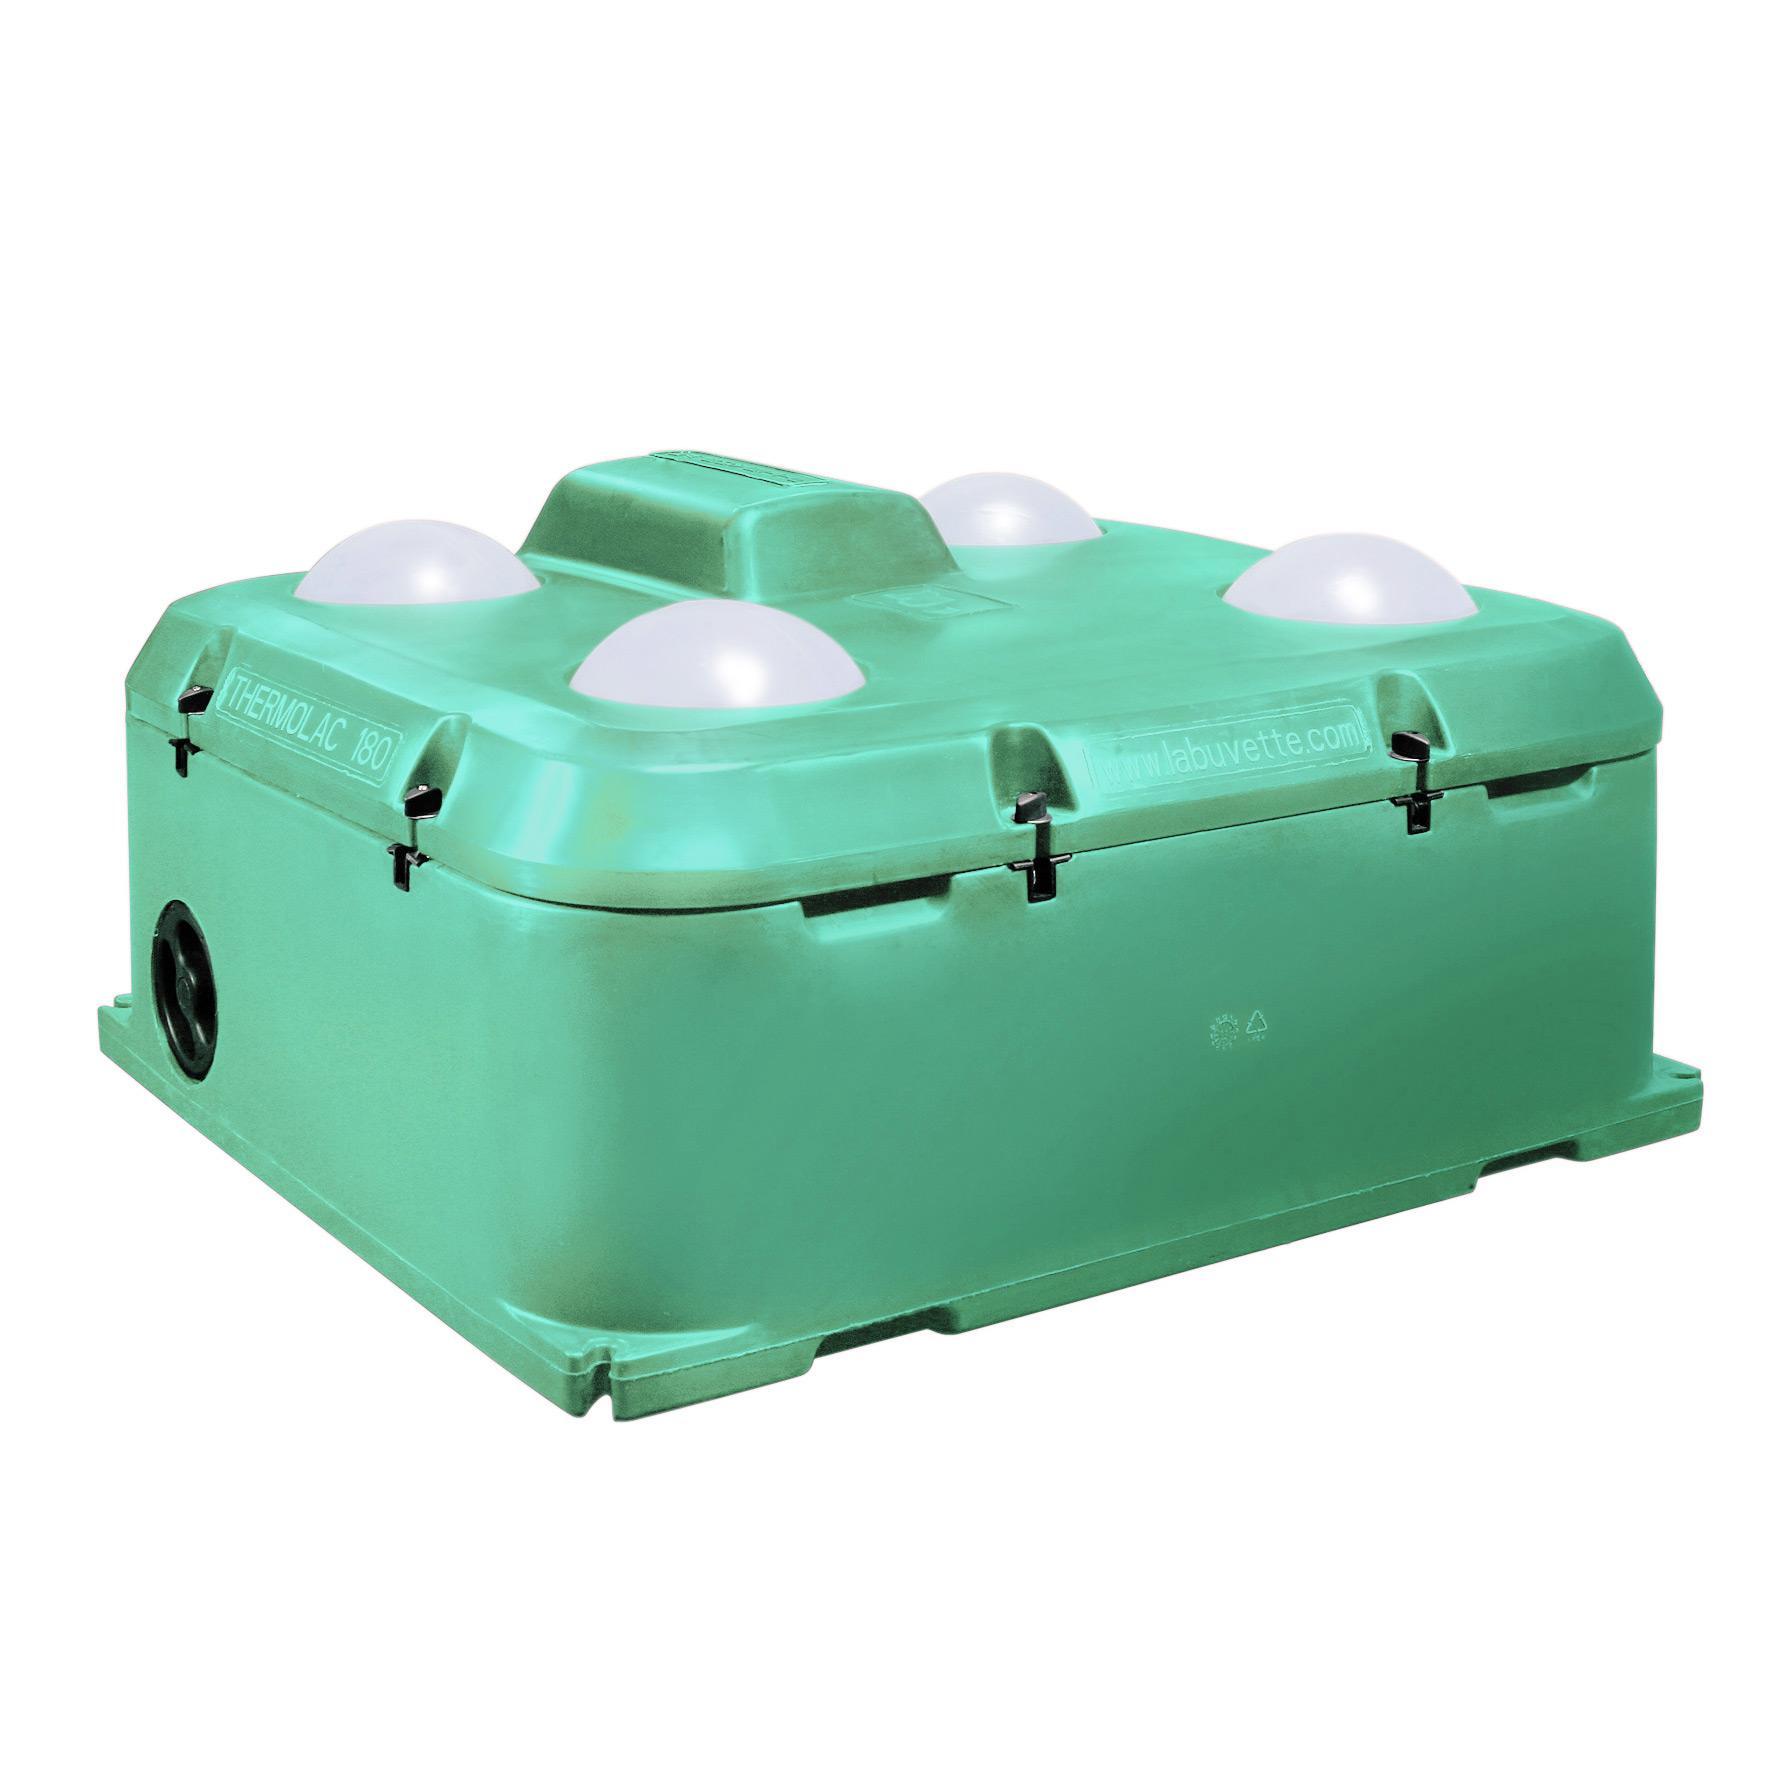 Abreuvoir antigel isotherme THERMOLAC 180 GV à boules